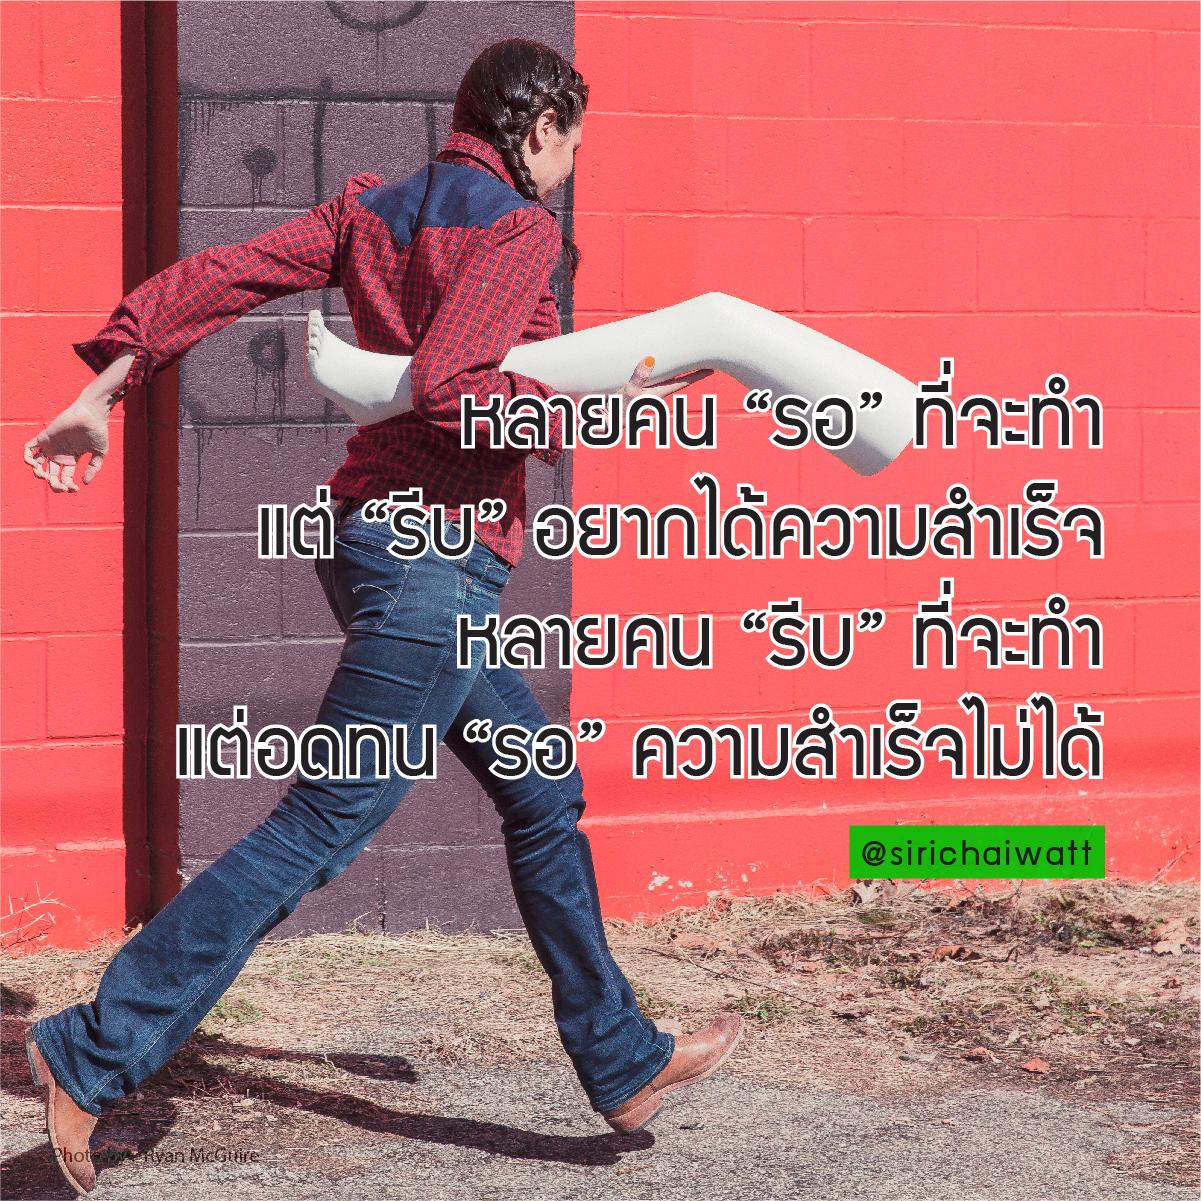 """หลายคน """"รอ"""" ที่จะทำ แต่ """"รีบ"""" อยากได้ความสำเร็จ หลายคน """"รีบ"""" ที่จะทำ แต่อดทน """"รอ"""" ความสำเร็จไม่ได้ คำคมดีๆ"""